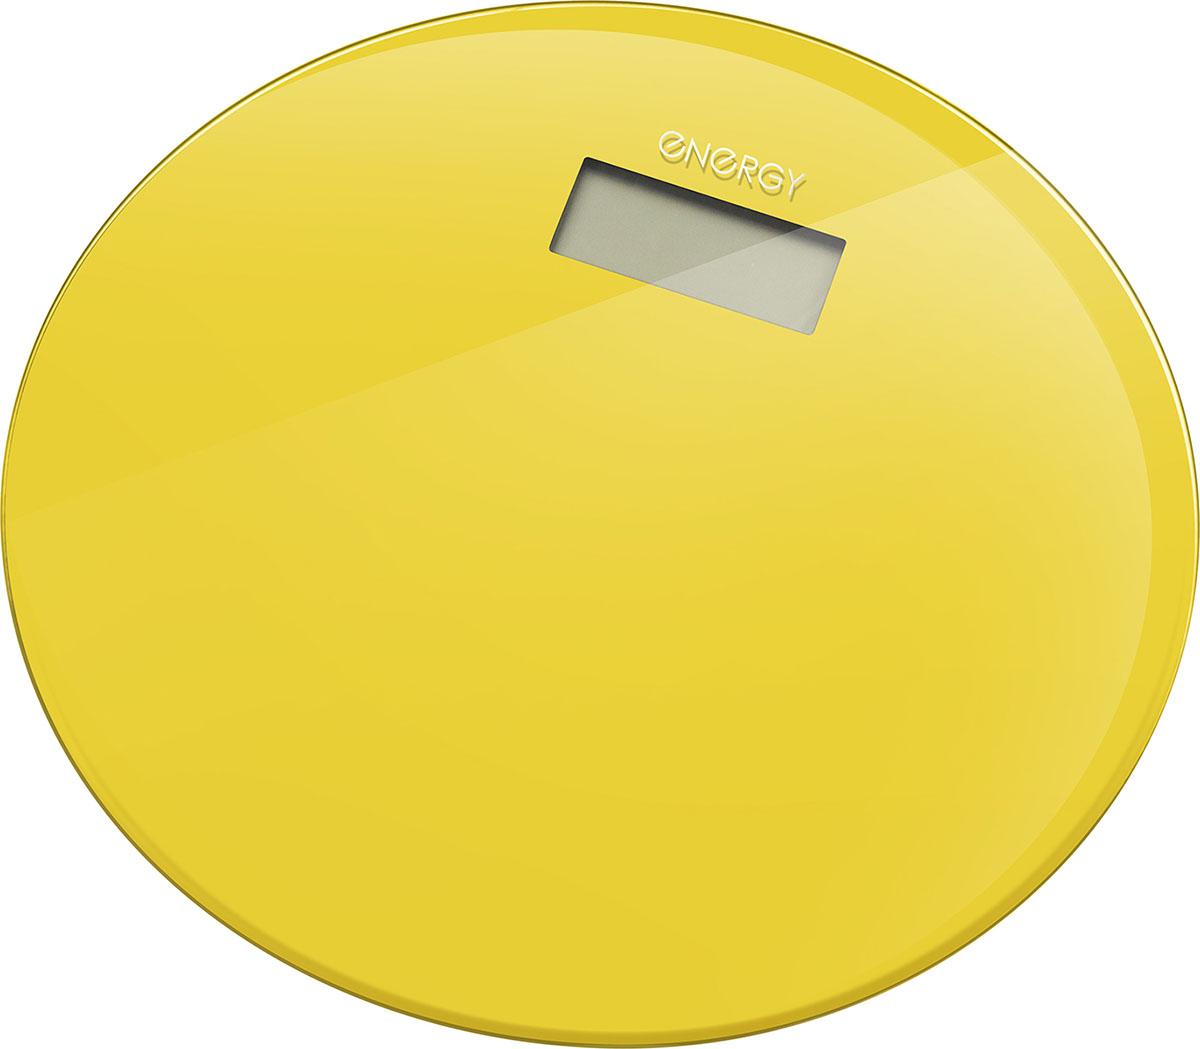 Energy EN-420 RIO, Yellow напольные весы54 003494Напольные электронные весы Energy EN-420 RIO - неотъемлемый атрибут здорового образа жизни. Они необходимытем, кто следит за своим здоровьем, весом, ведет активный образ жизни, занимается спортом и фитнесом. Оченьудобны для будущих мам, постоянно контролирующих прибавку в весе, также рекомендуются родителям,внимательно следящим за весом своих детей.